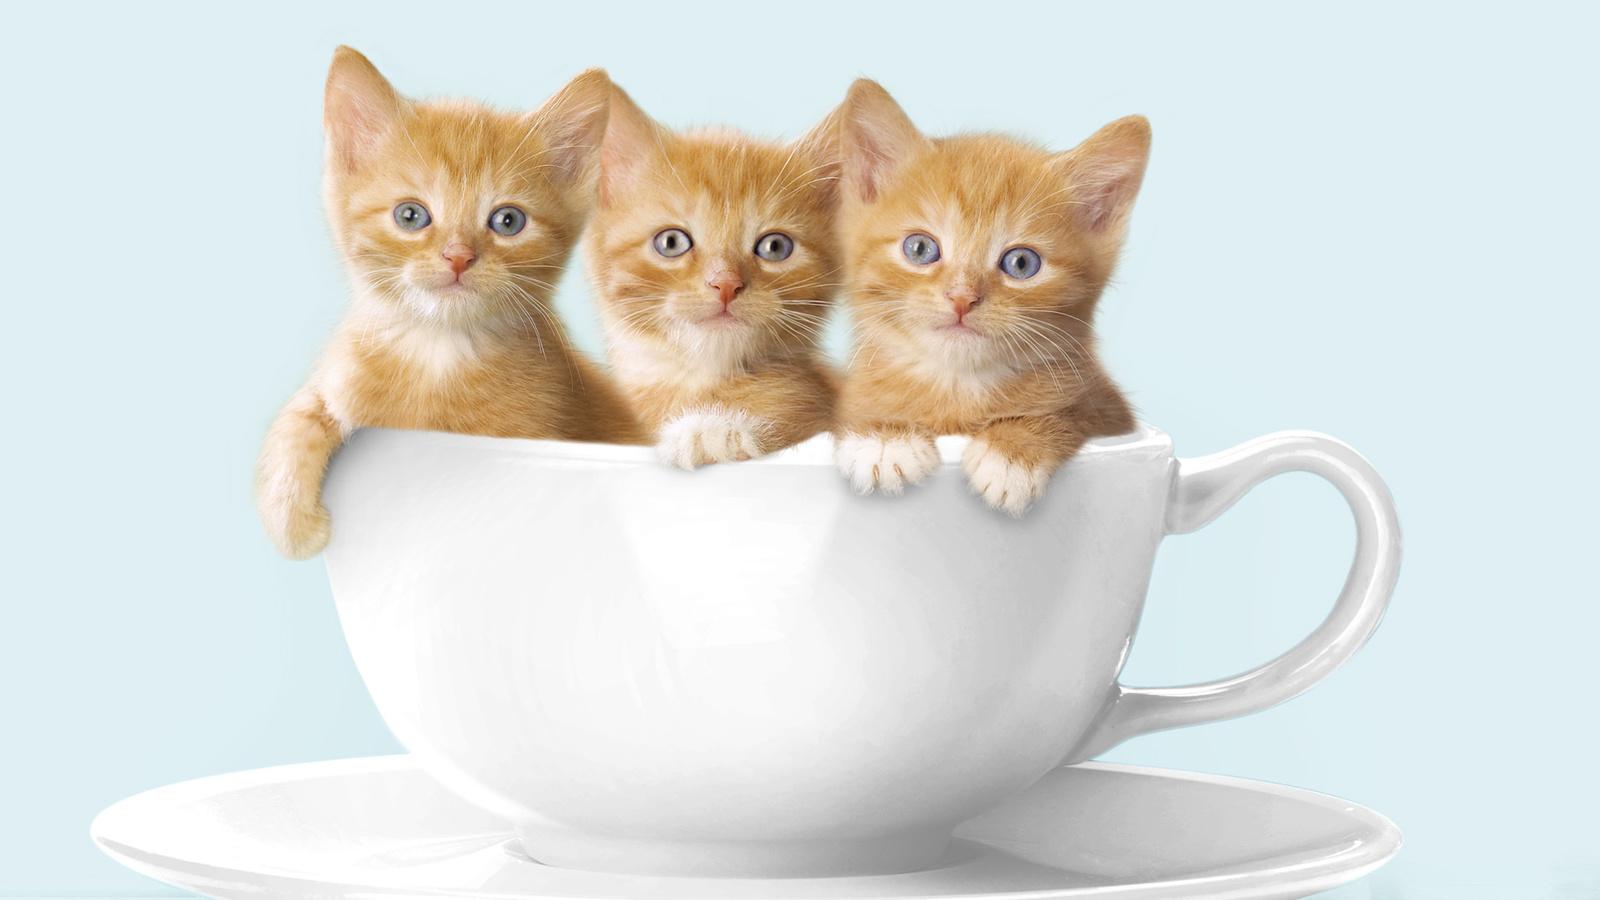 Доброе утро картинки красивые животные с надписями, картинки для